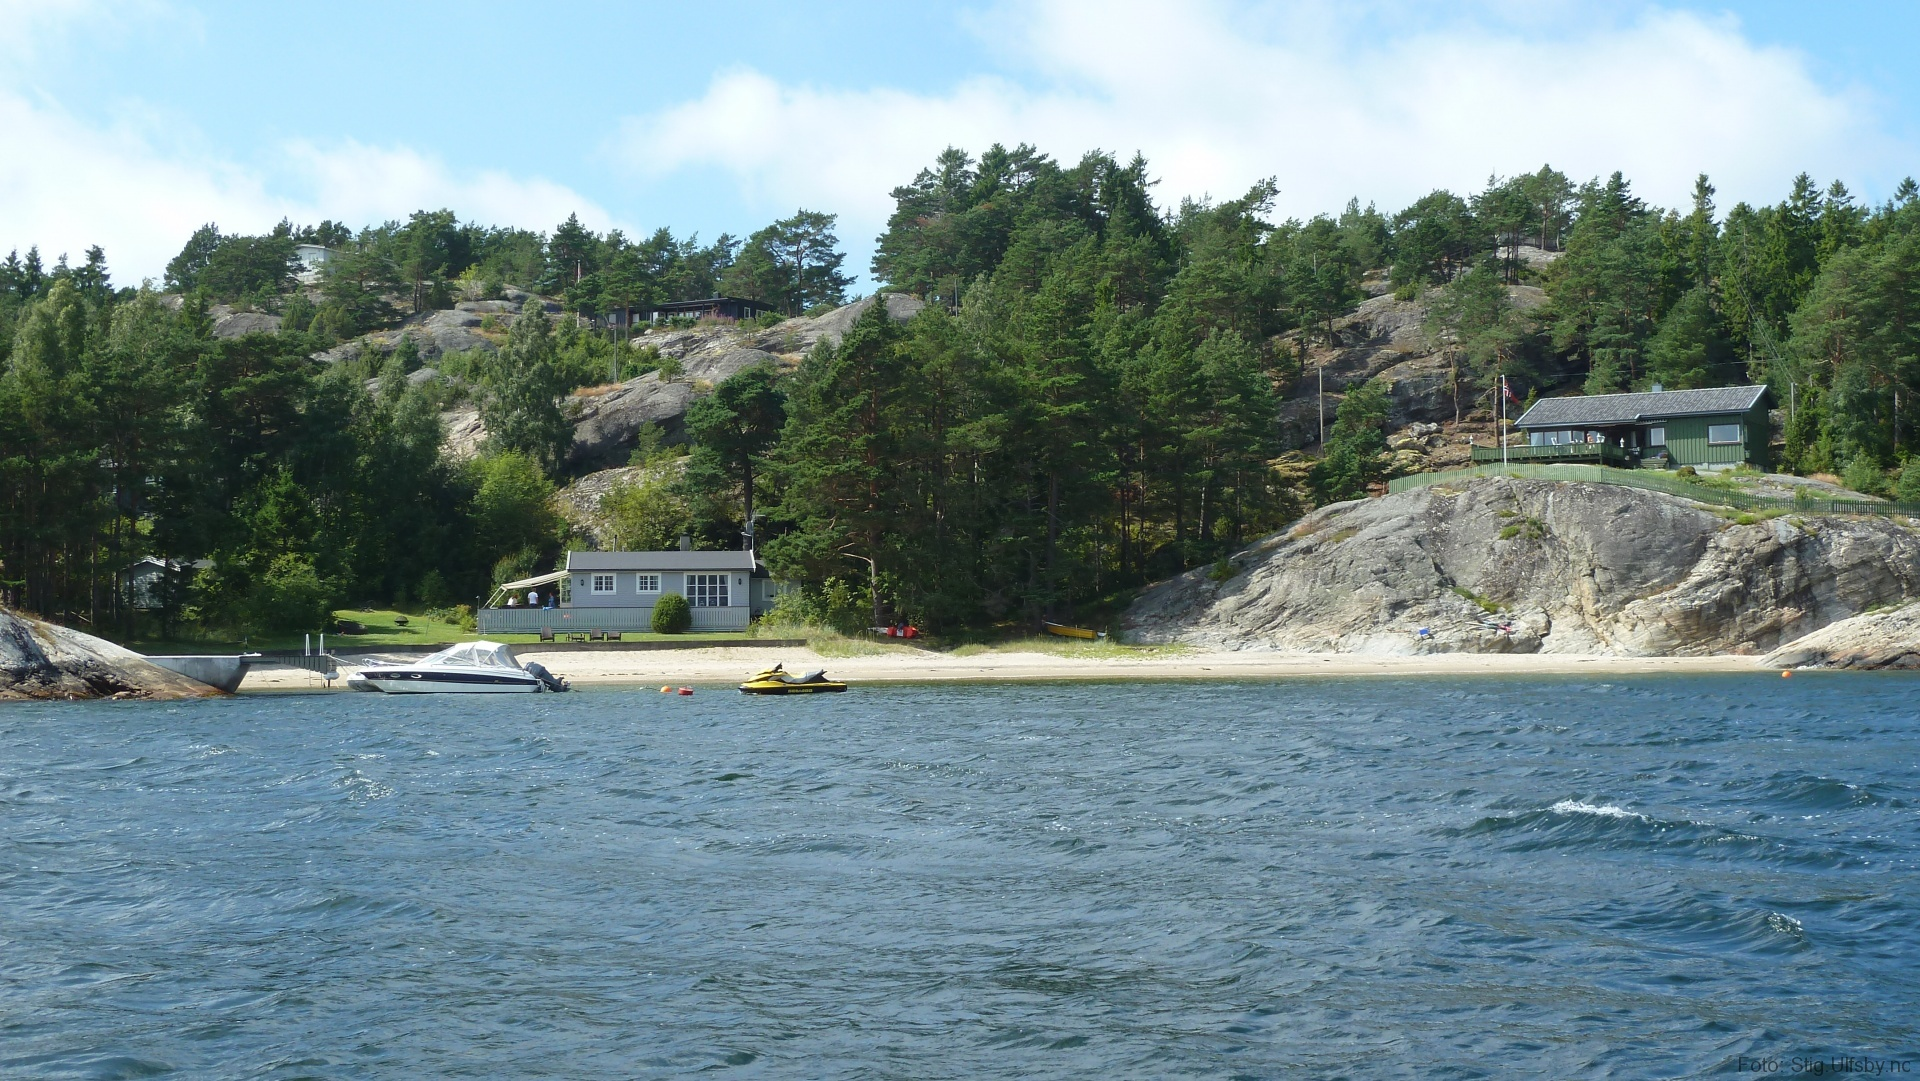 Storhavna på Søndre Sandøy, Hvaler juli 2010